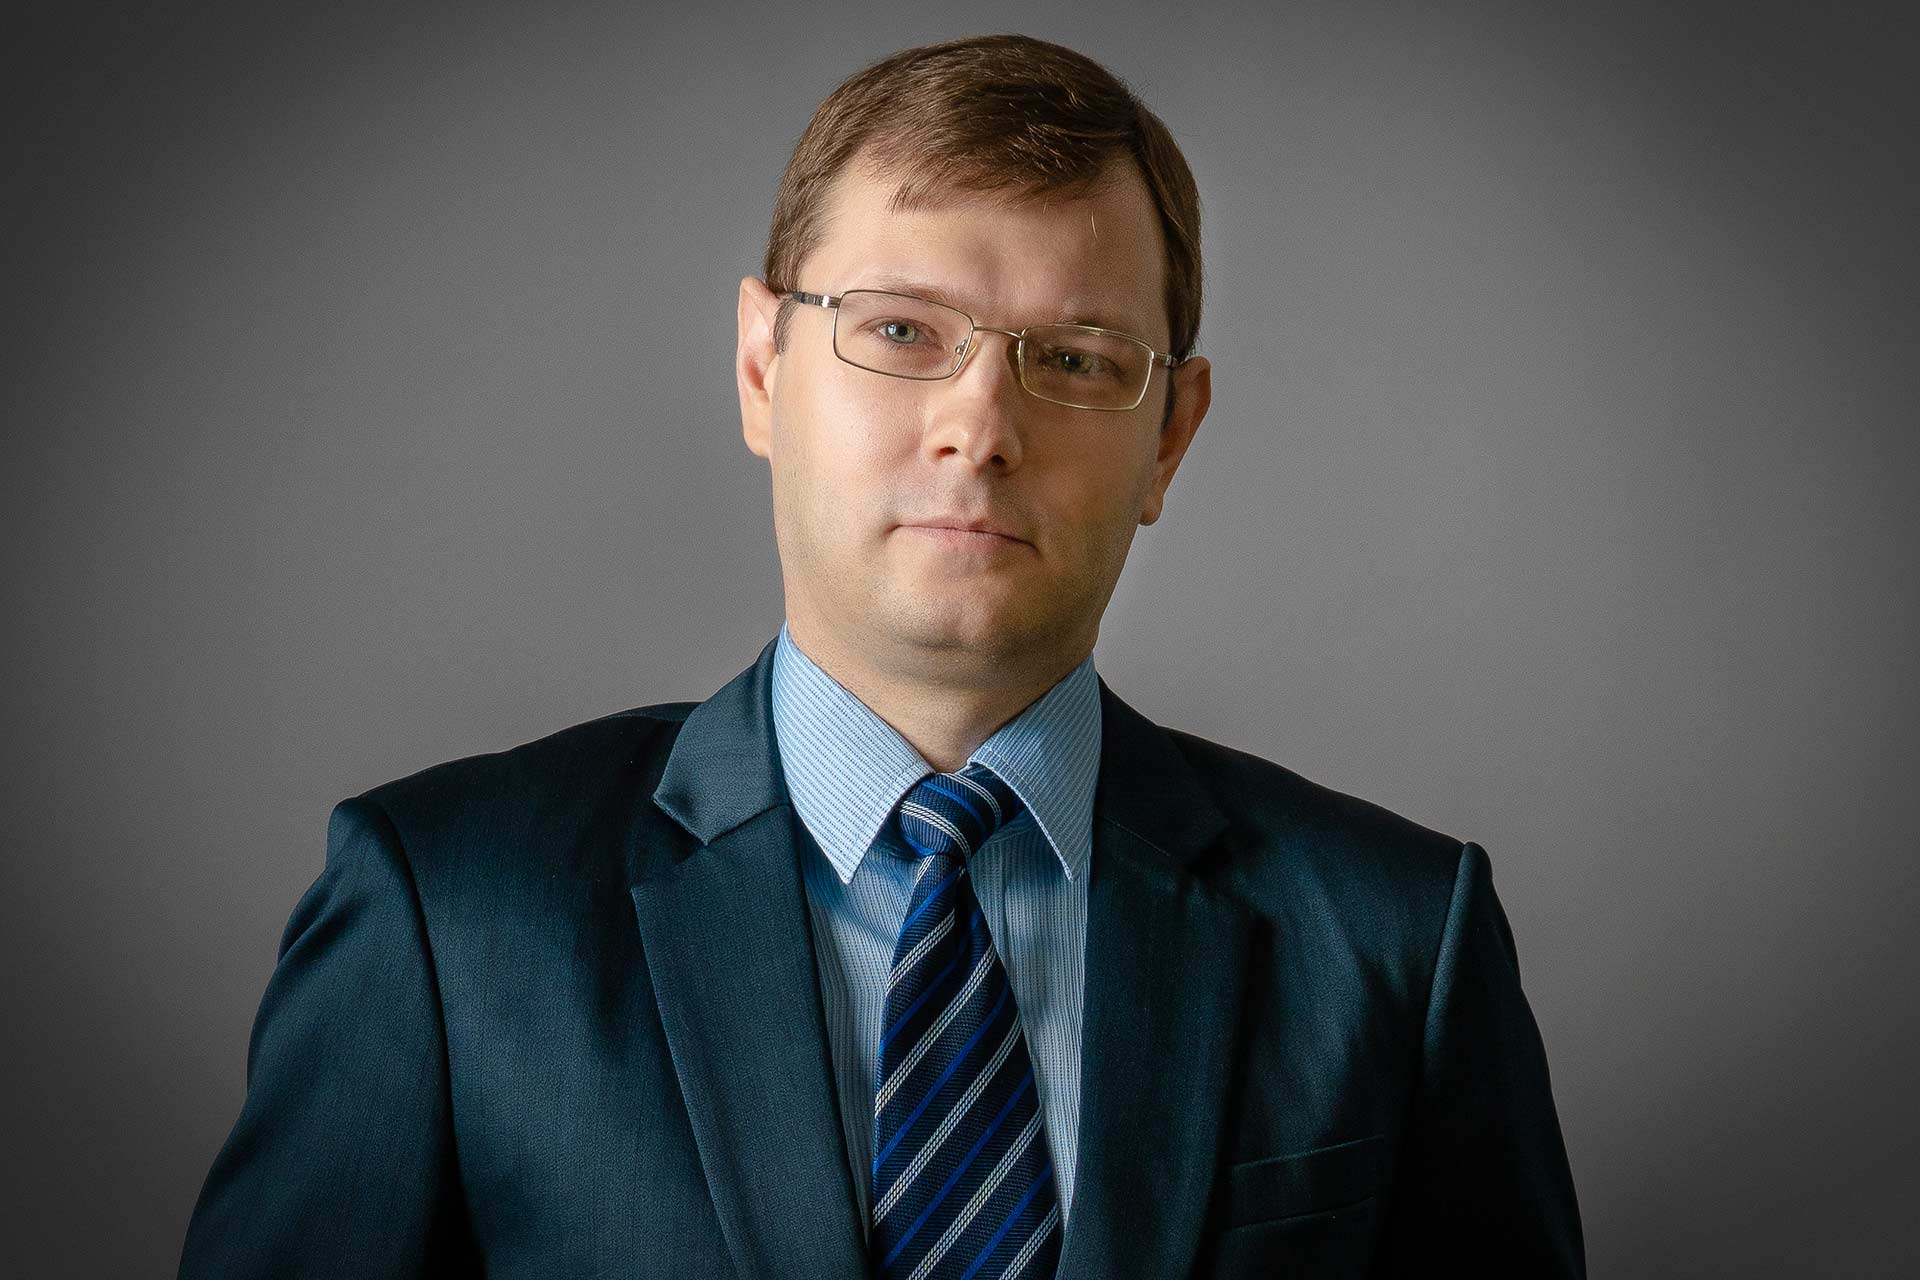 Владимир Шлыков. Как построить и увеличить Интернет-продажи